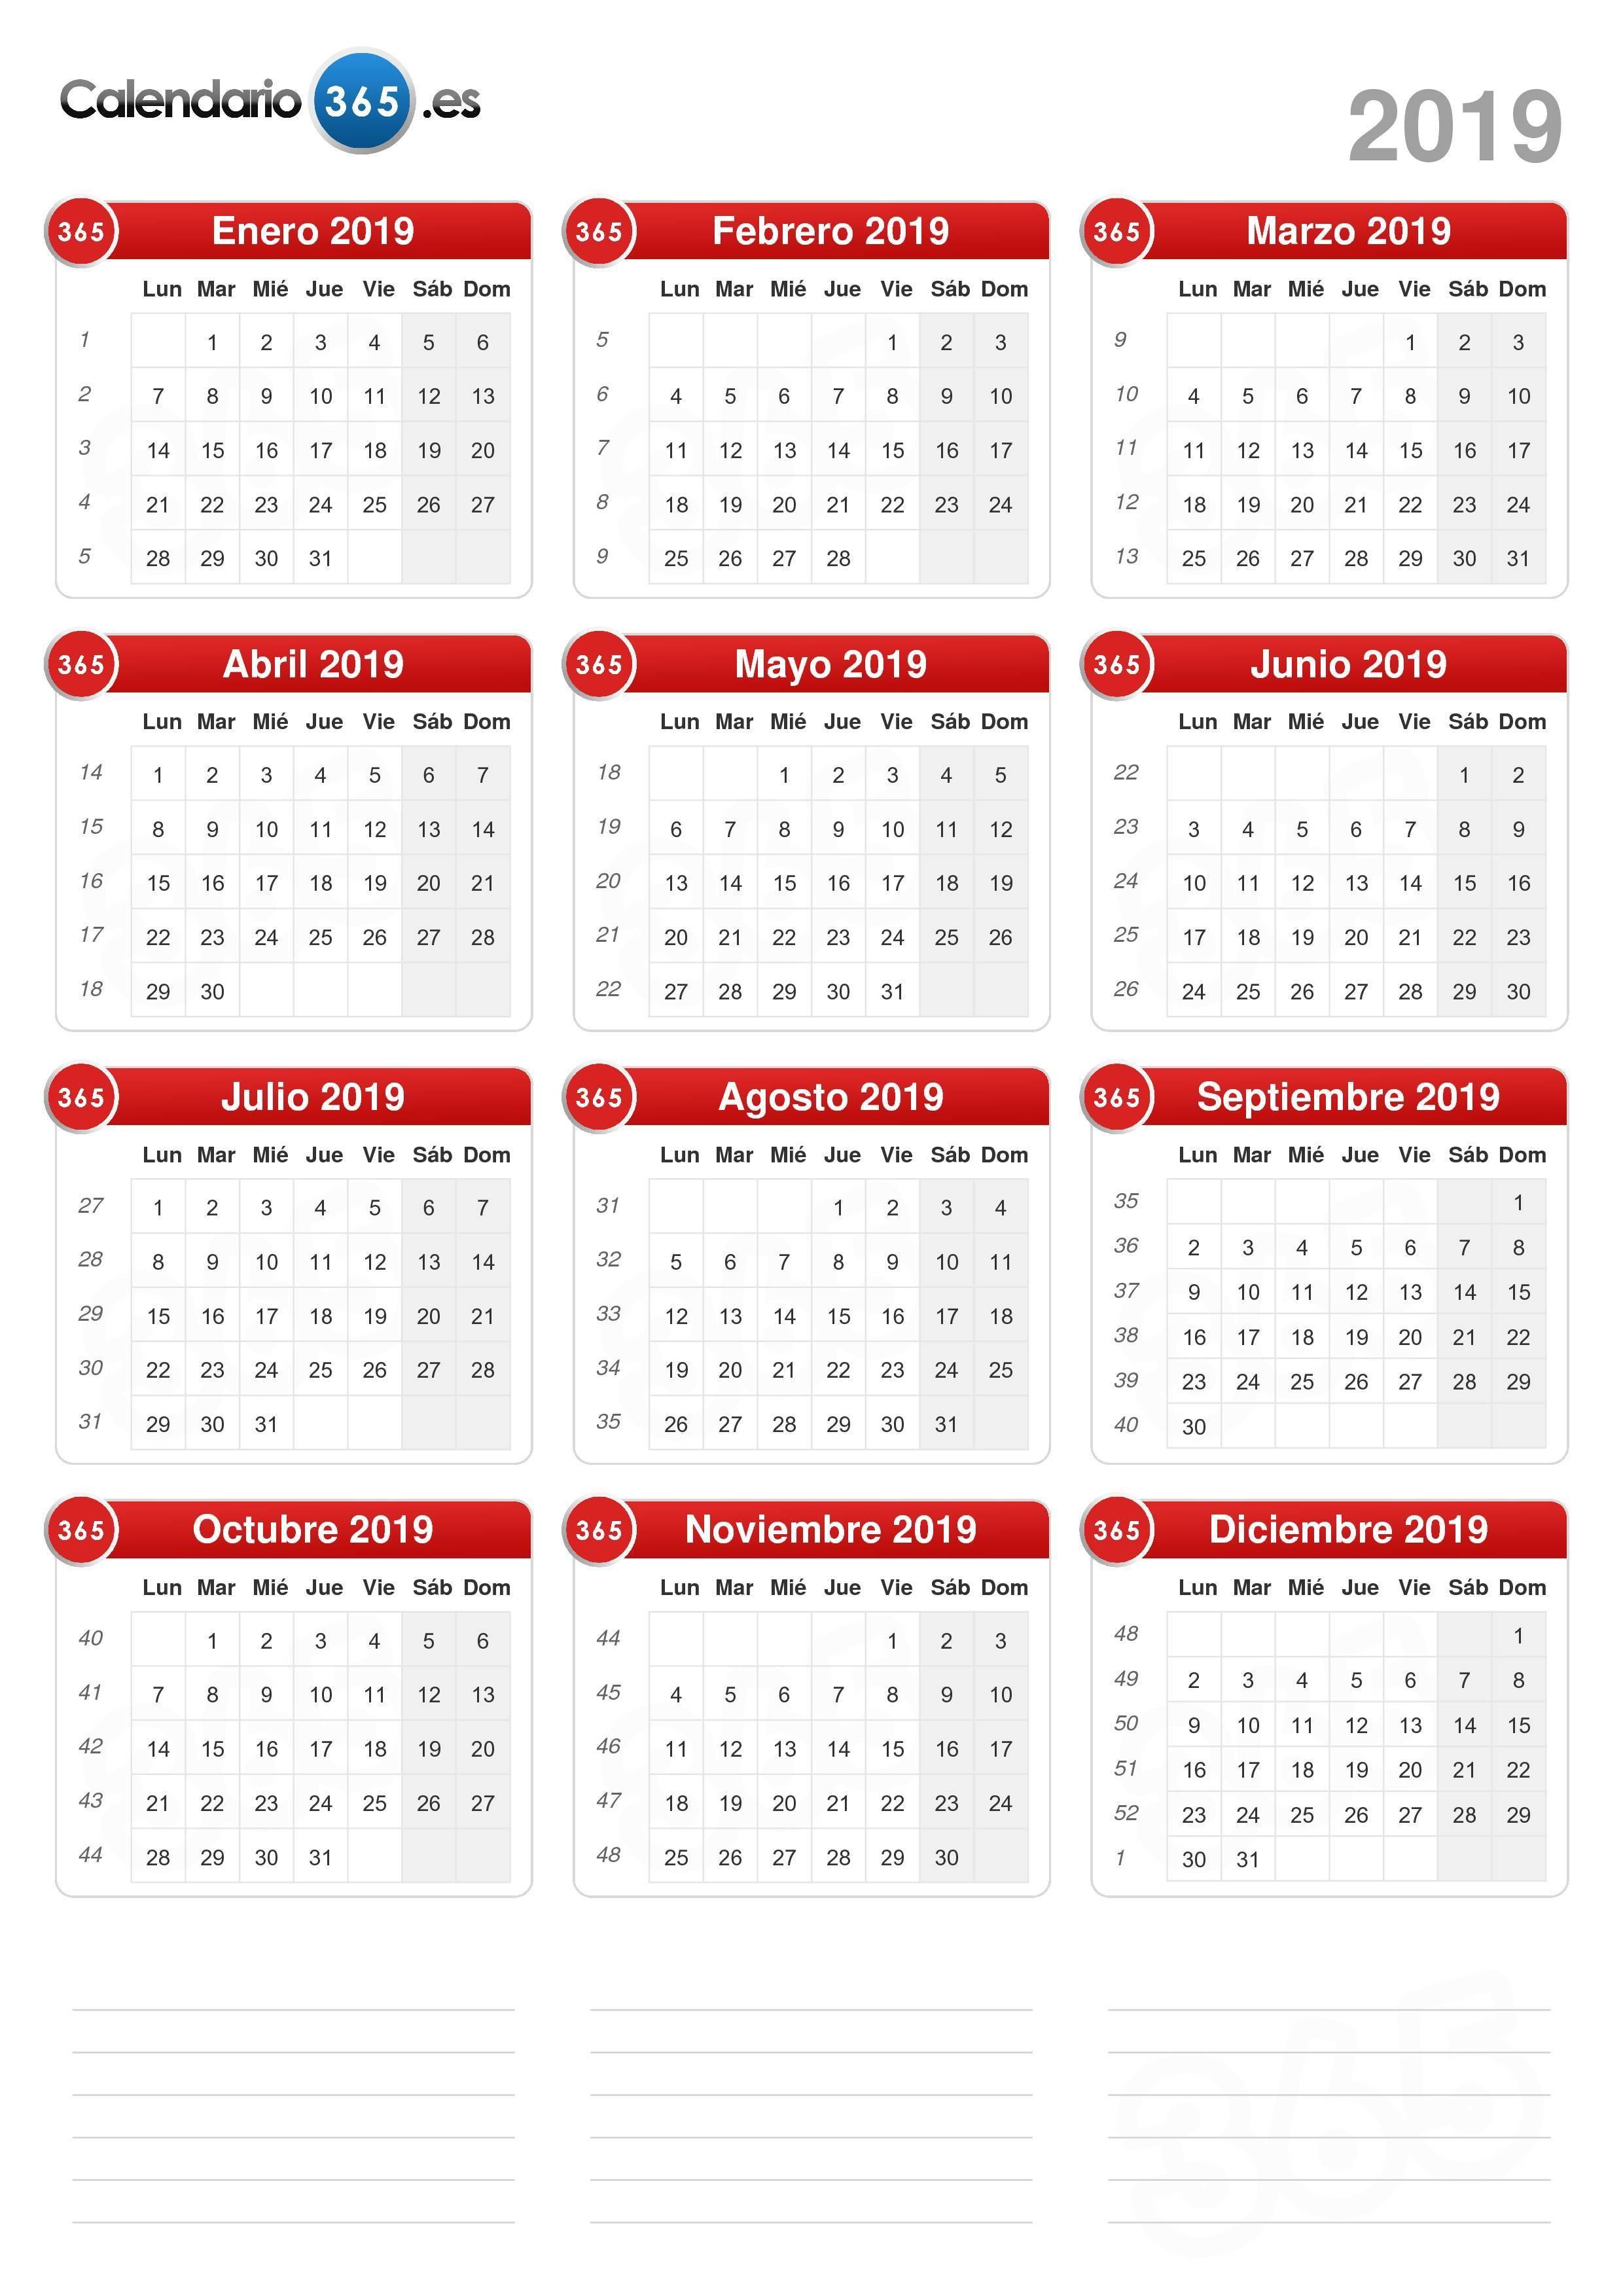 Calendario 2019 Con Festivos Comunidad Valenciana Mejores Y Más Novedosos Calendario 2019 Of Calendario 2019 Con Festivos Comunidad Valenciana Más Recientes Calendario Escolar 2018 2019 Más De 100 Plantillas E Imágenes Para